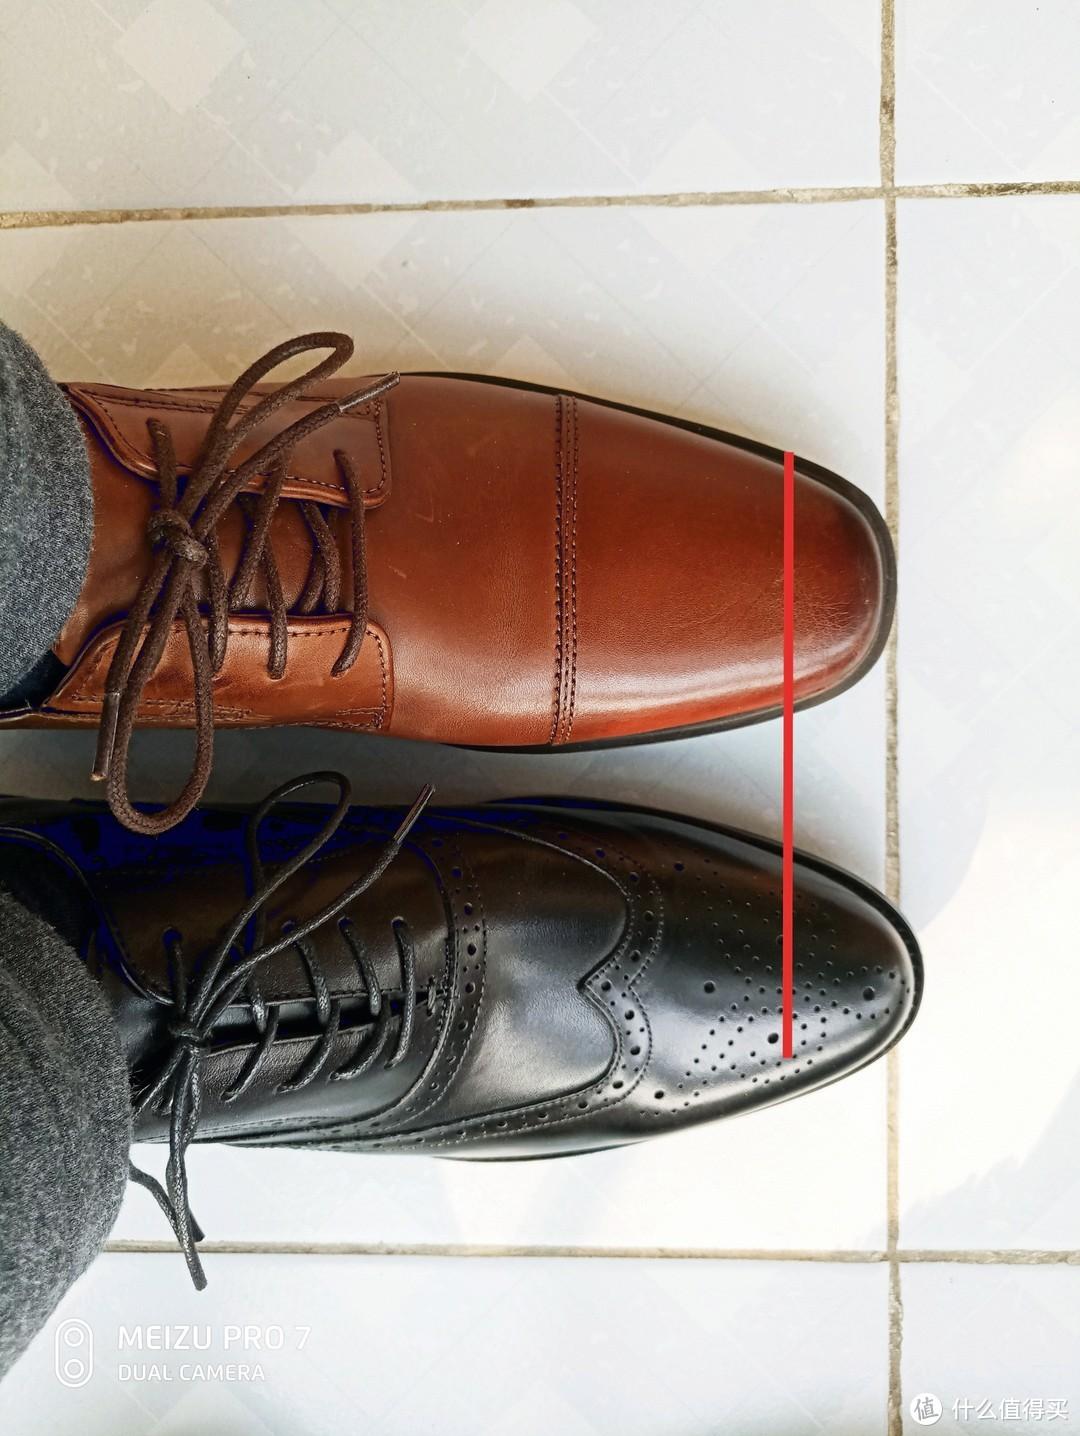 红线是大拇指尖的位置,尖头鞋前面空的地儿挺长